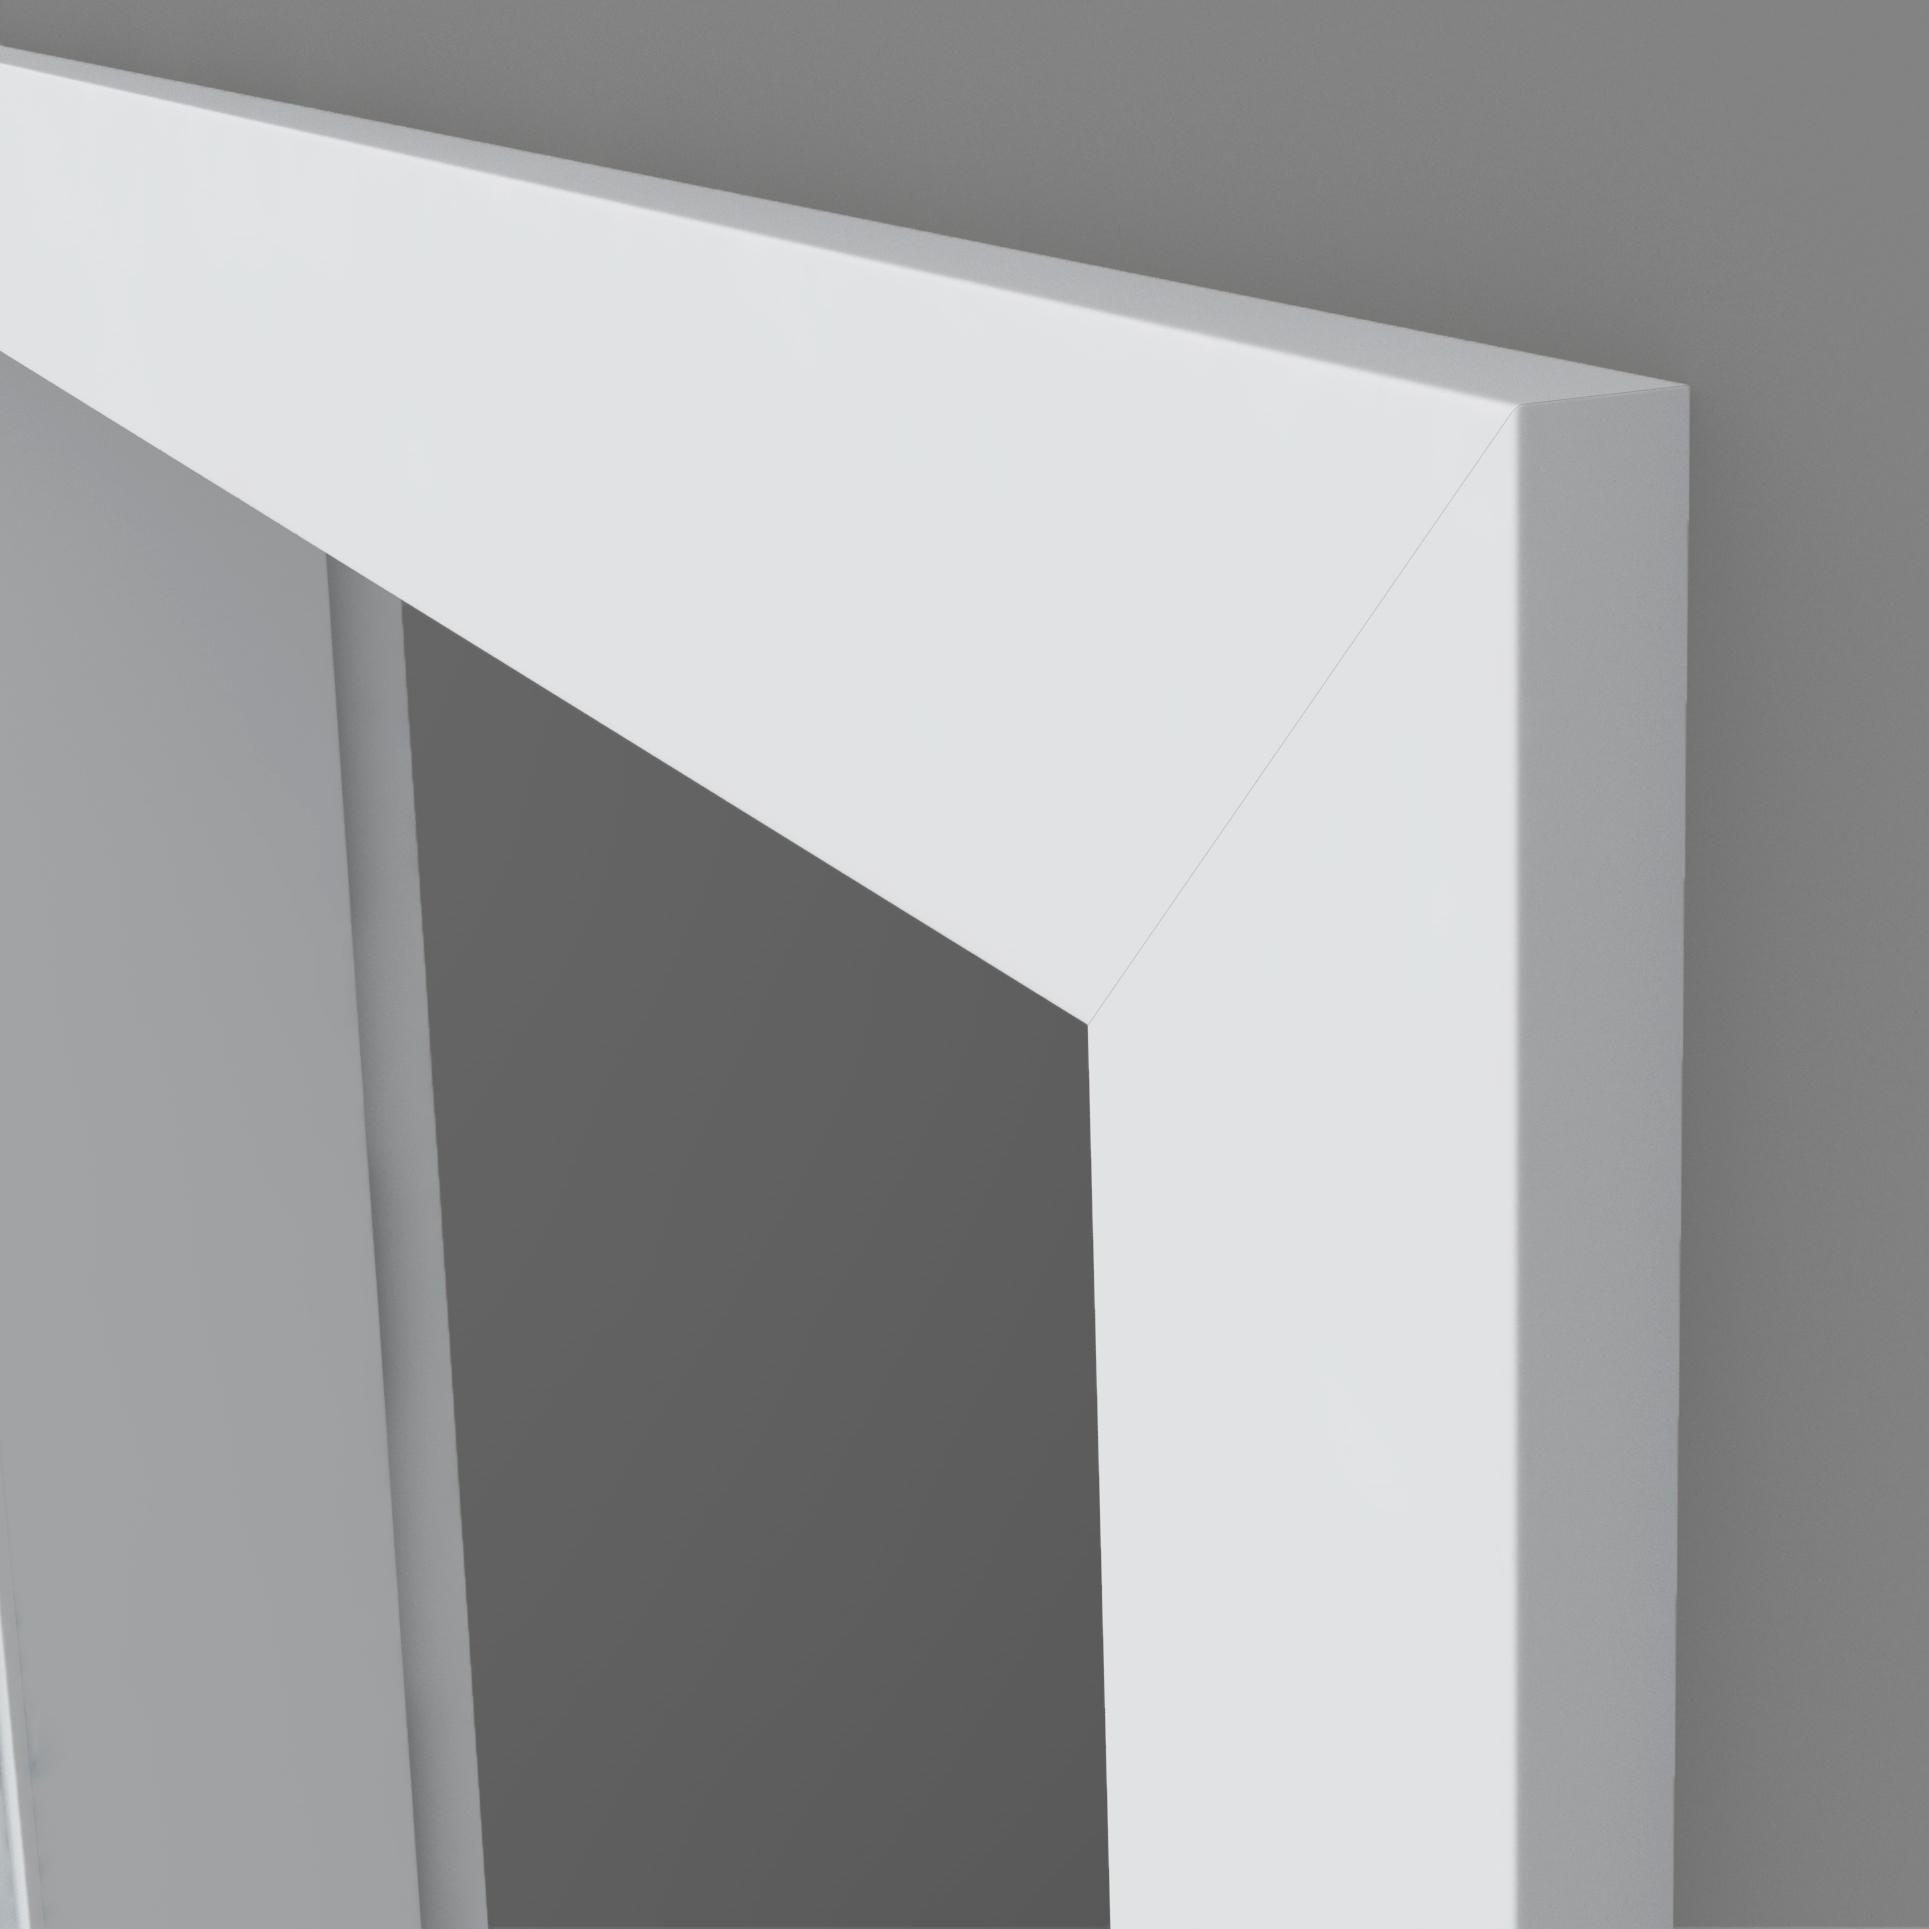 Designkante